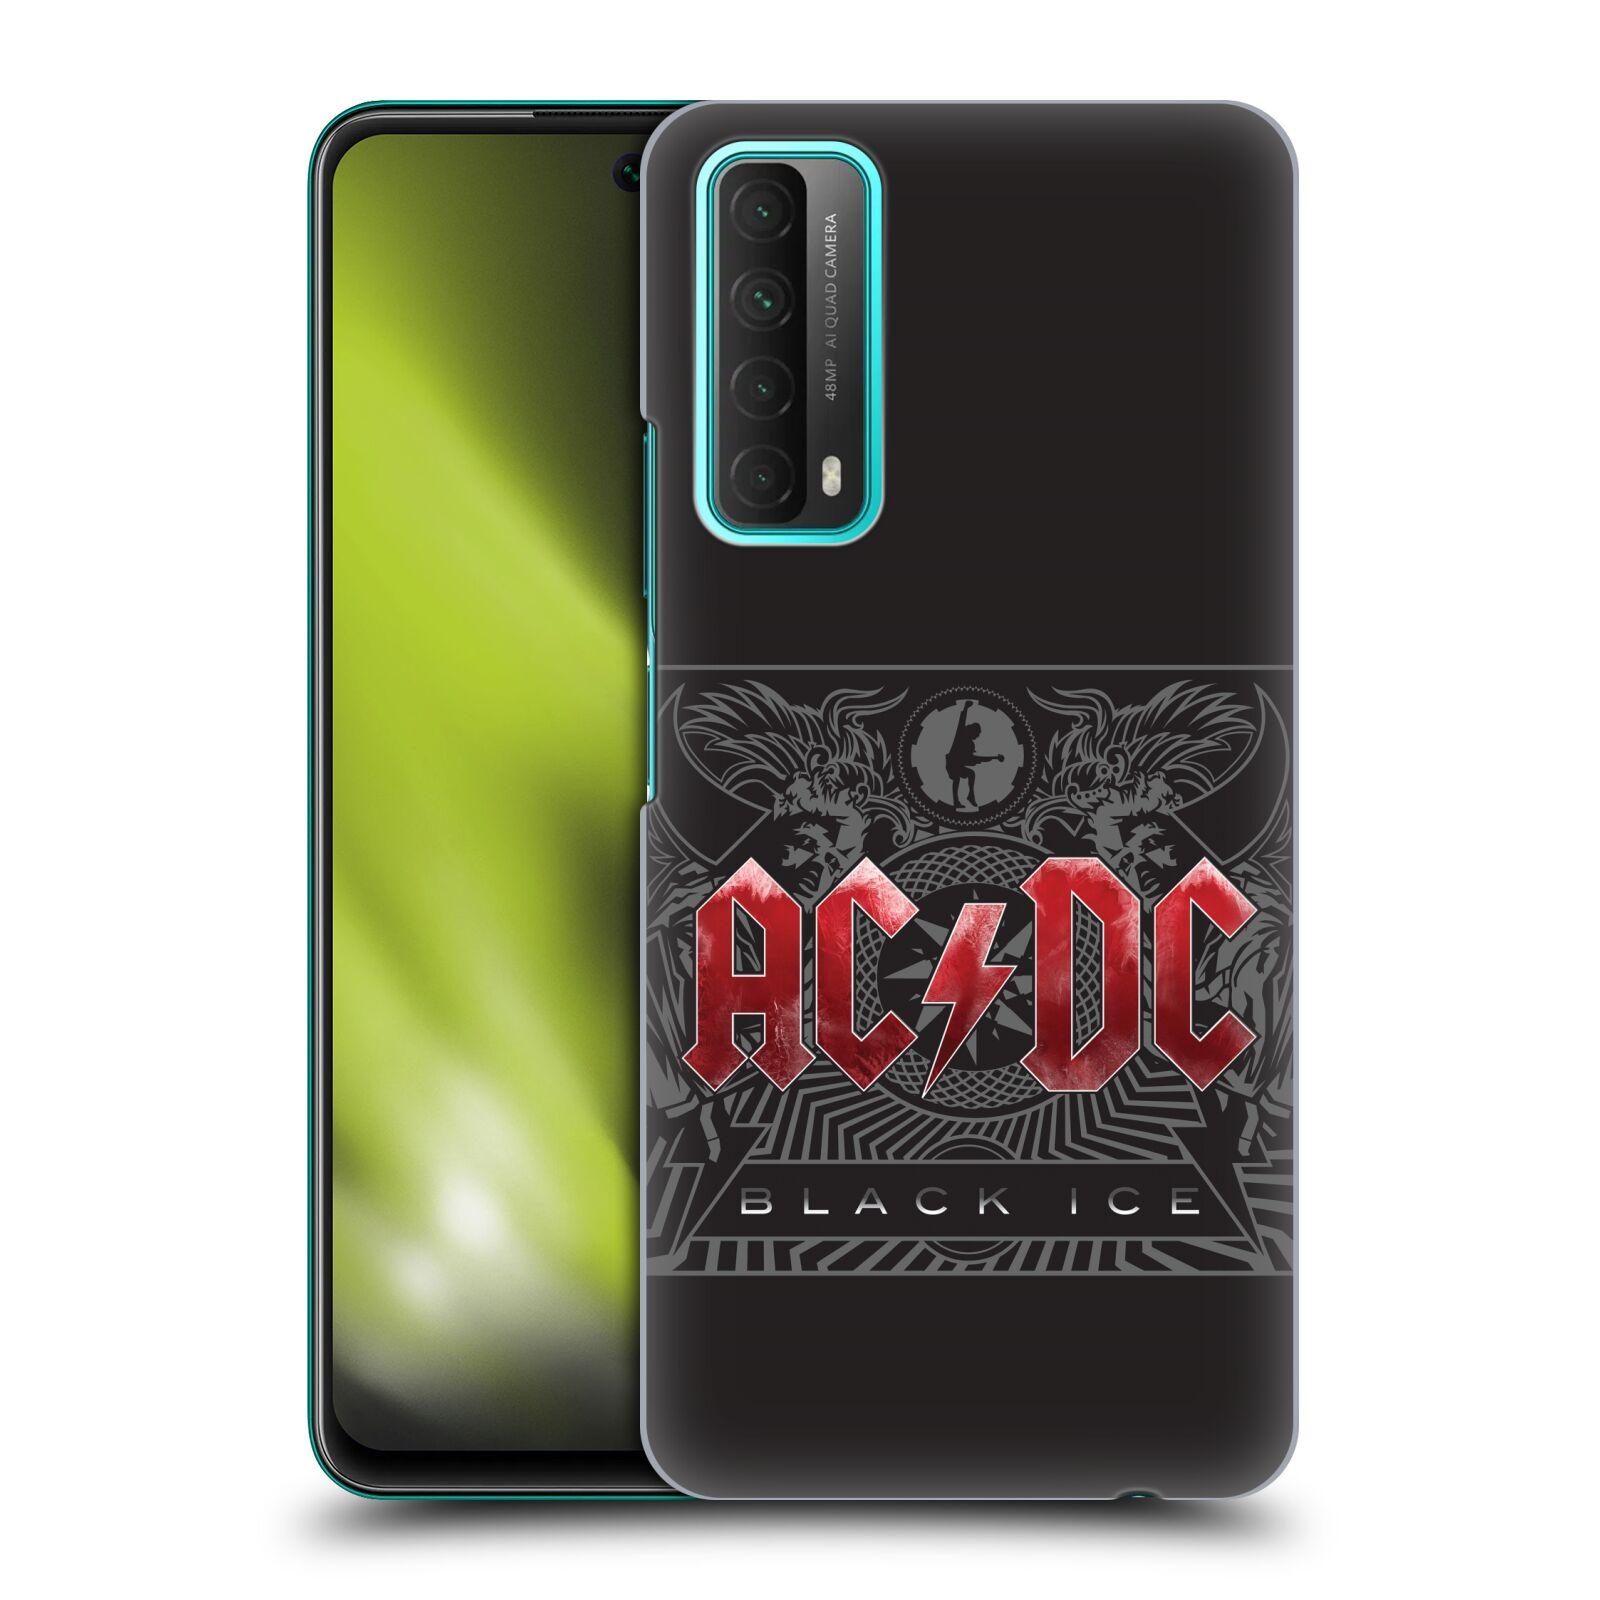 Plastové pouzdro na mobil Huawei P Smart (2021) - Head Case - AC/DC Black Ice